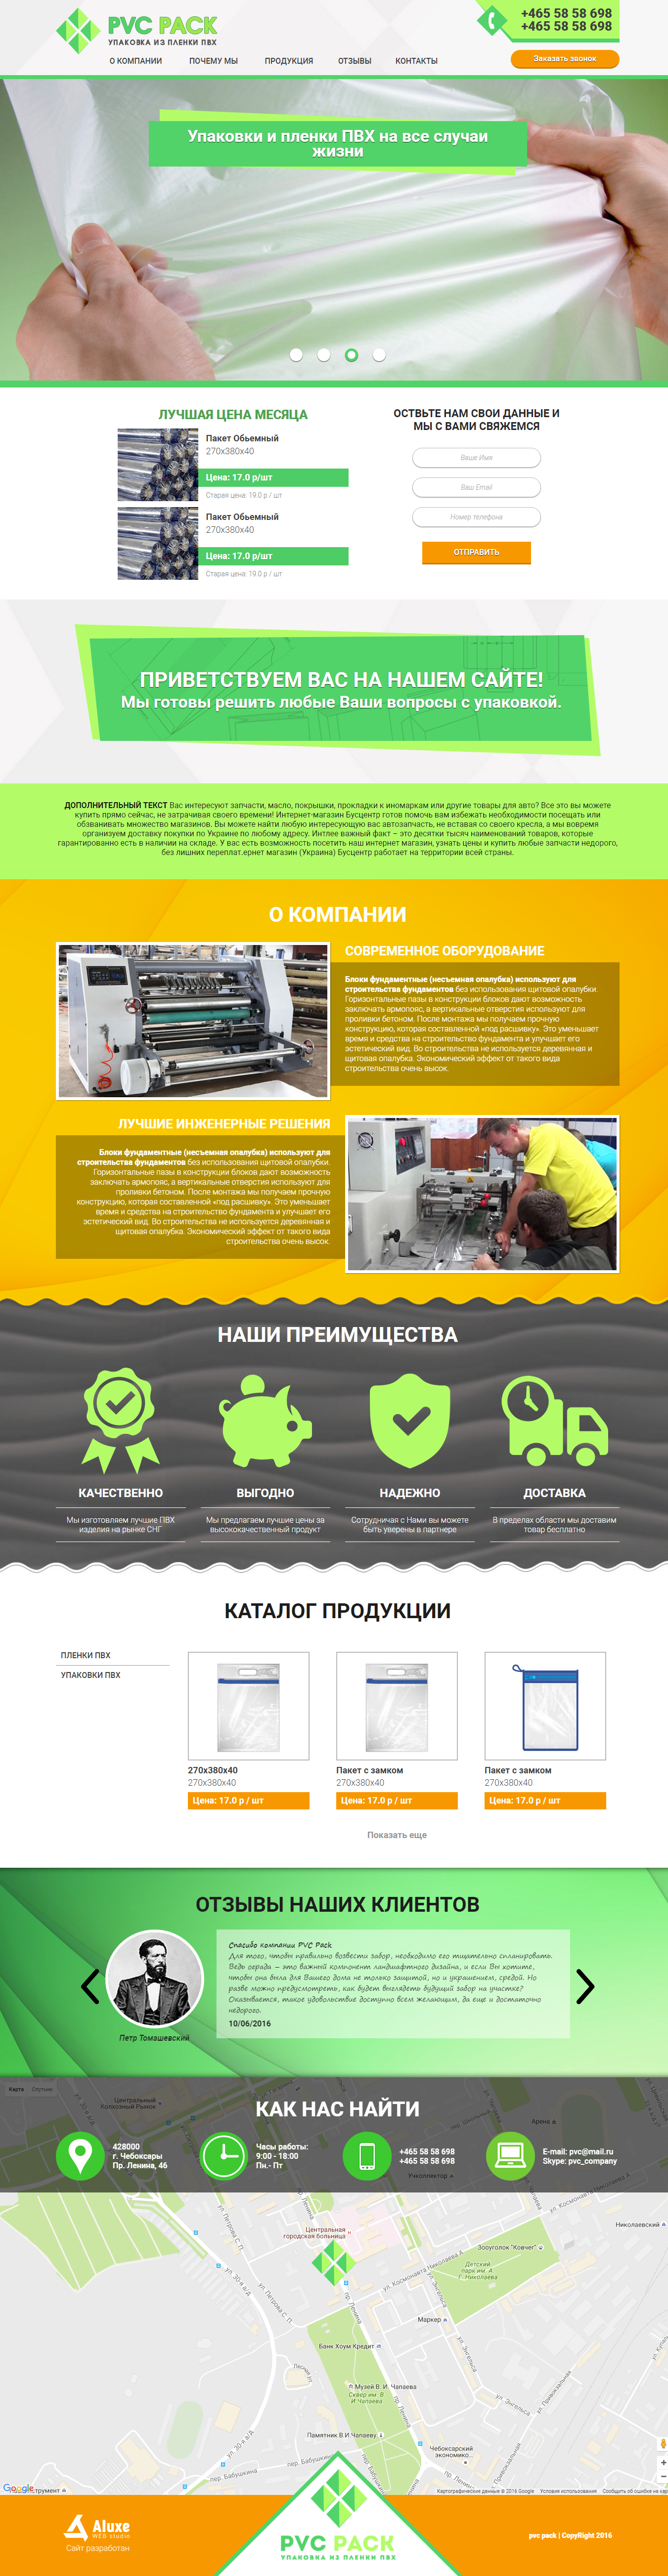 Разработка  сайта упаковок из пленки пвх «PVC-PACK»